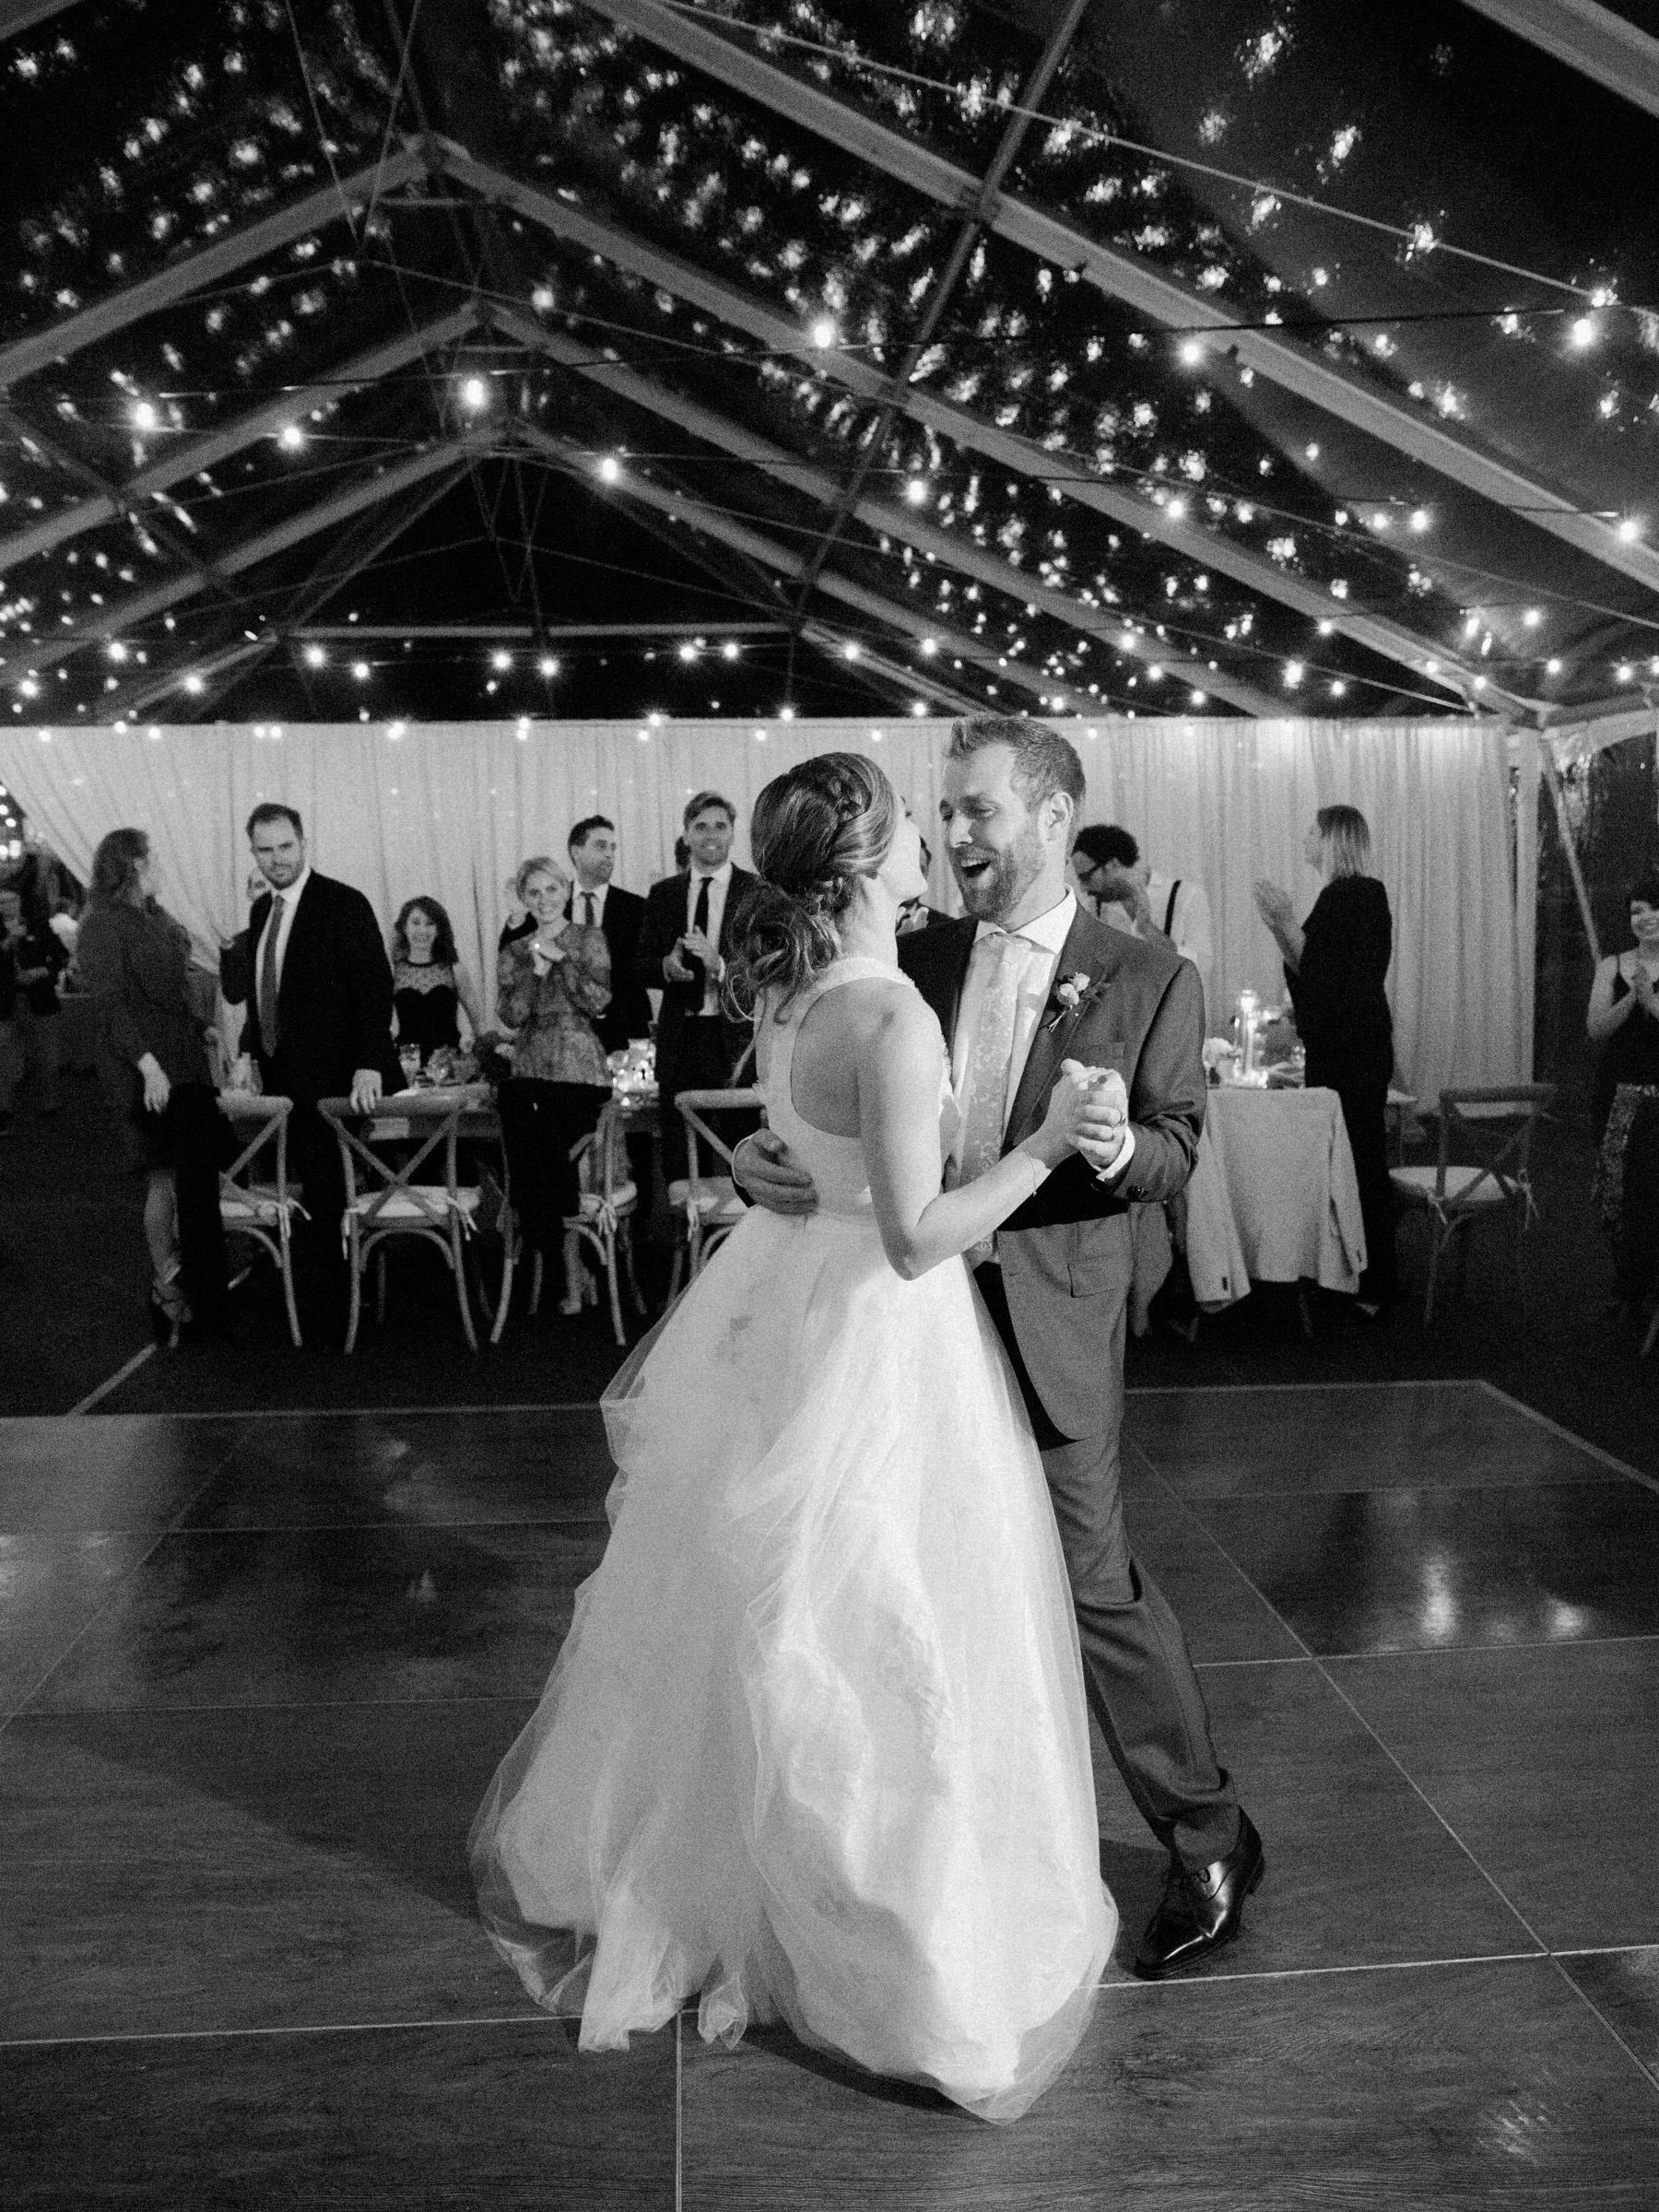 kathryn ian wedding first dance